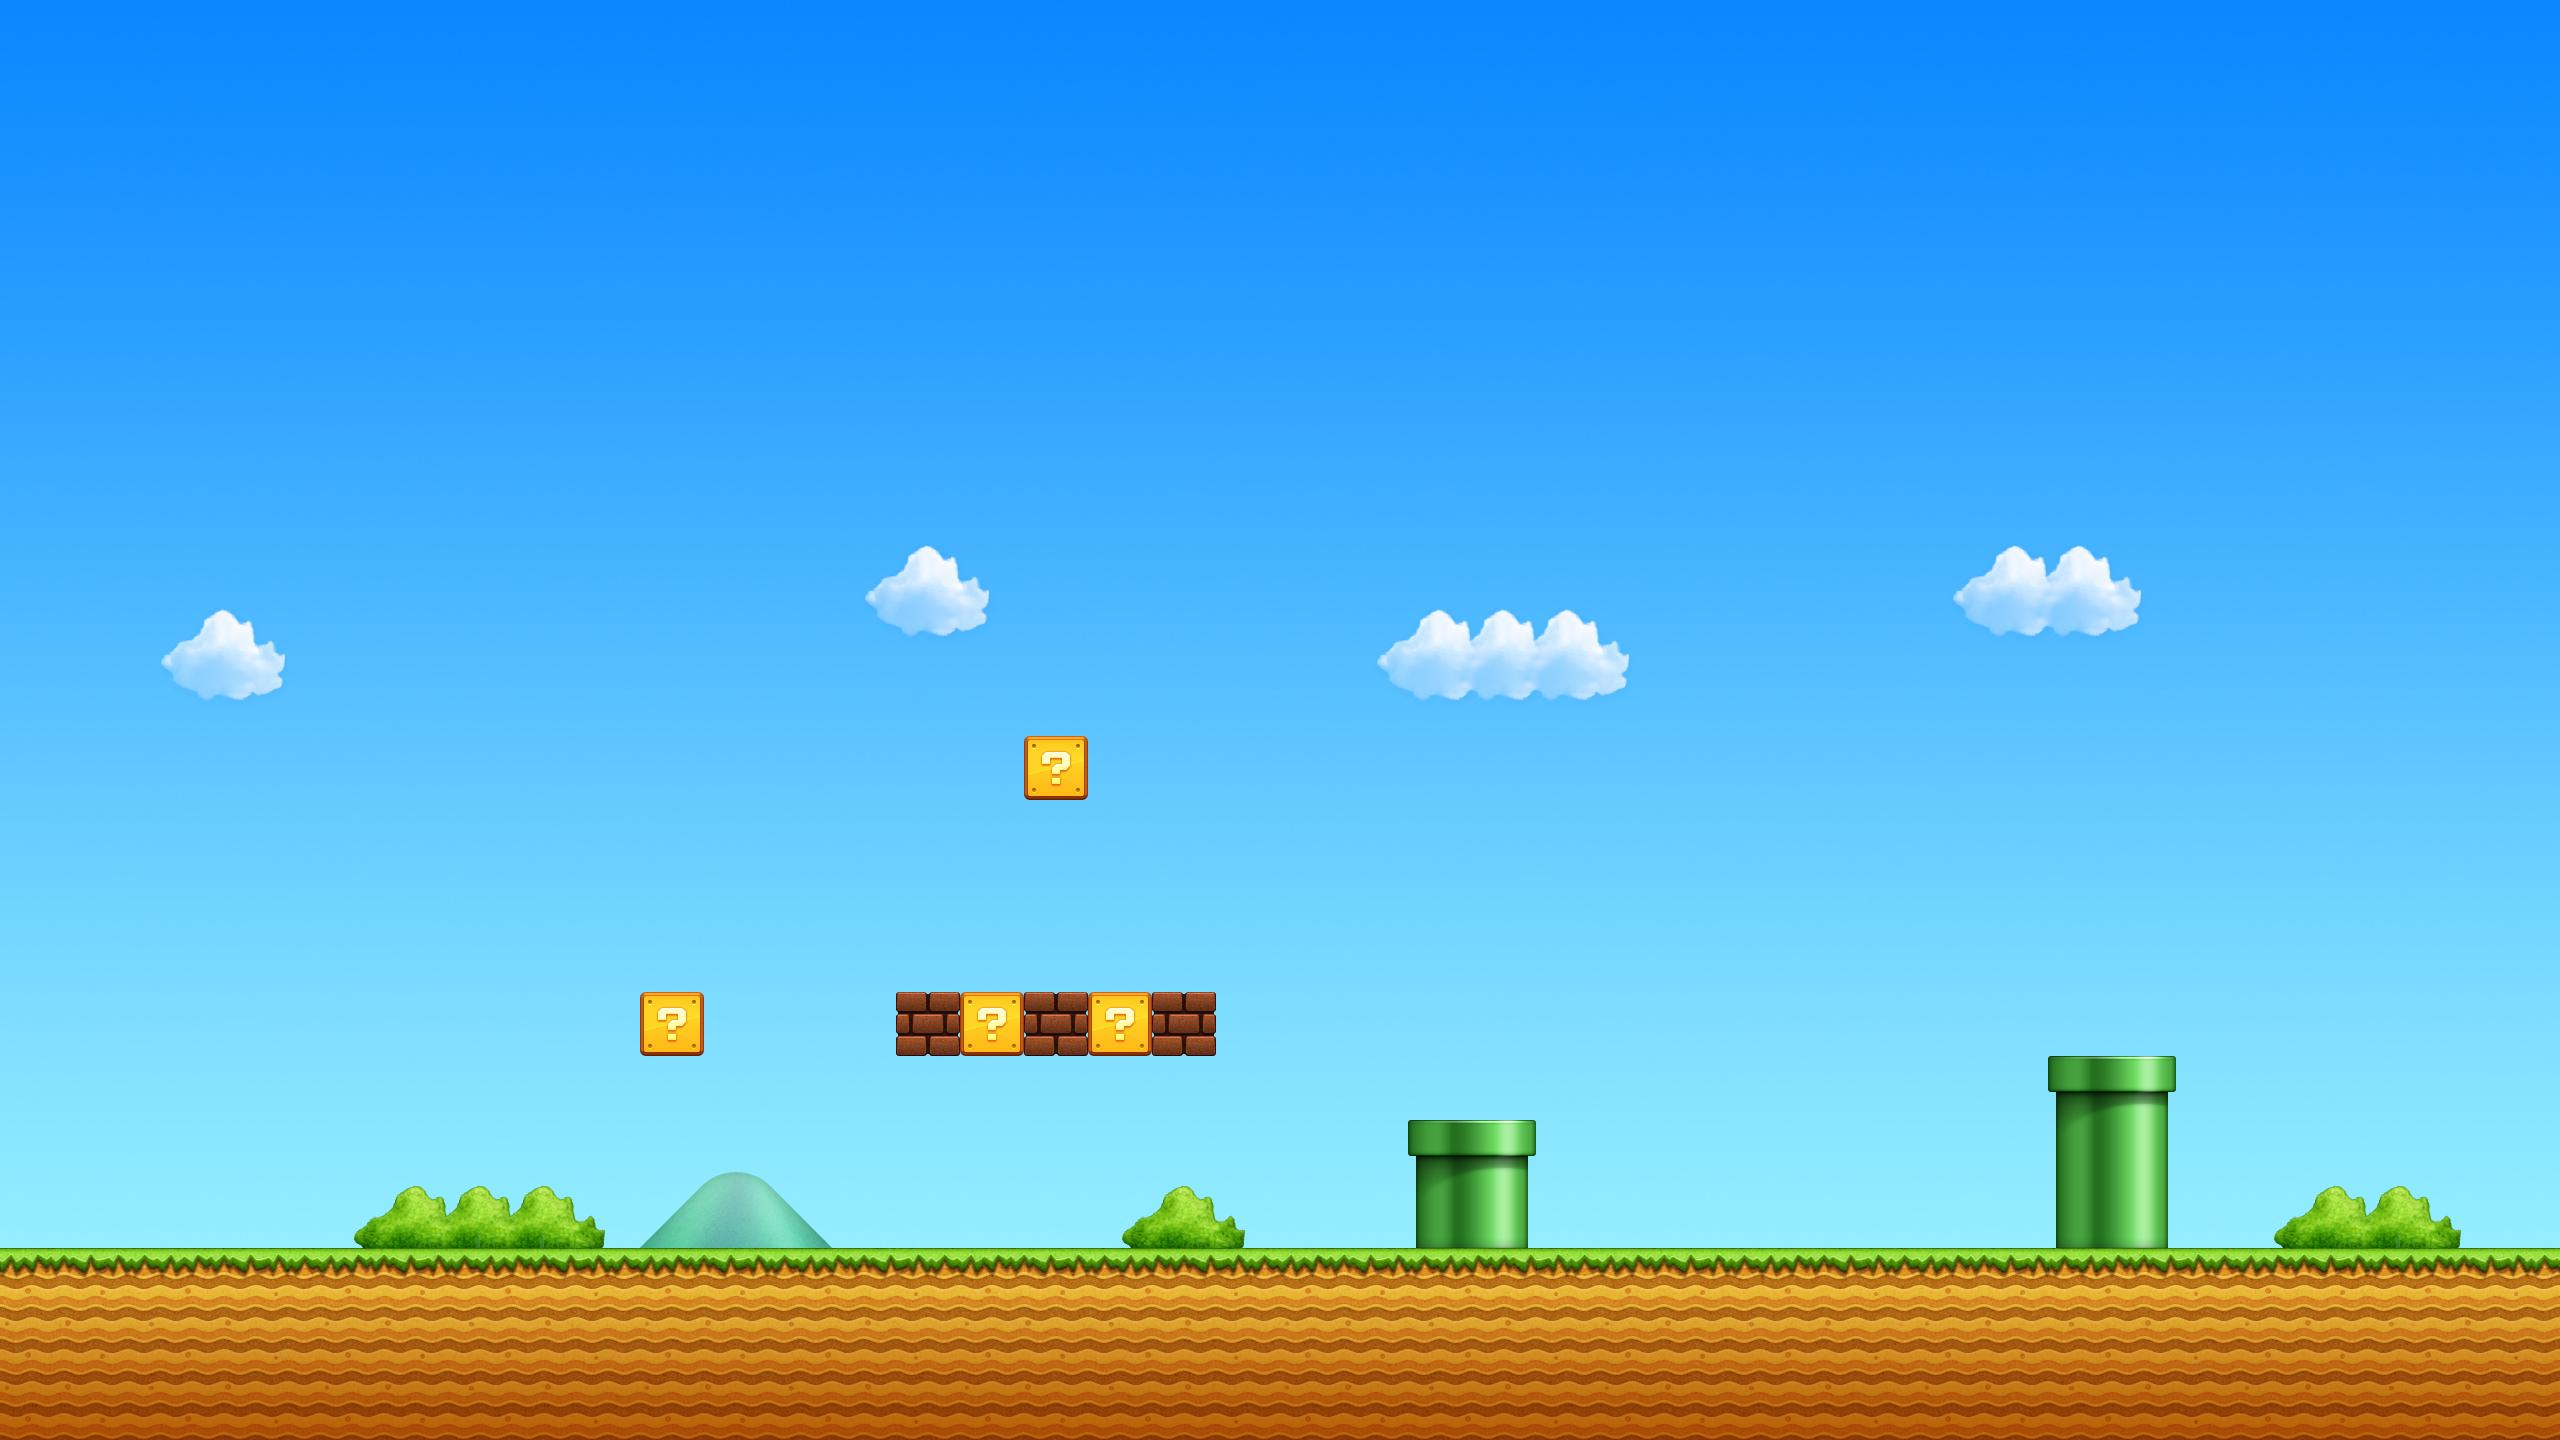 Mario Iphone Wallpaper Hd Super Mario Bros Fonds D 233 Cran Arri 232 Res Plan 2560x1440